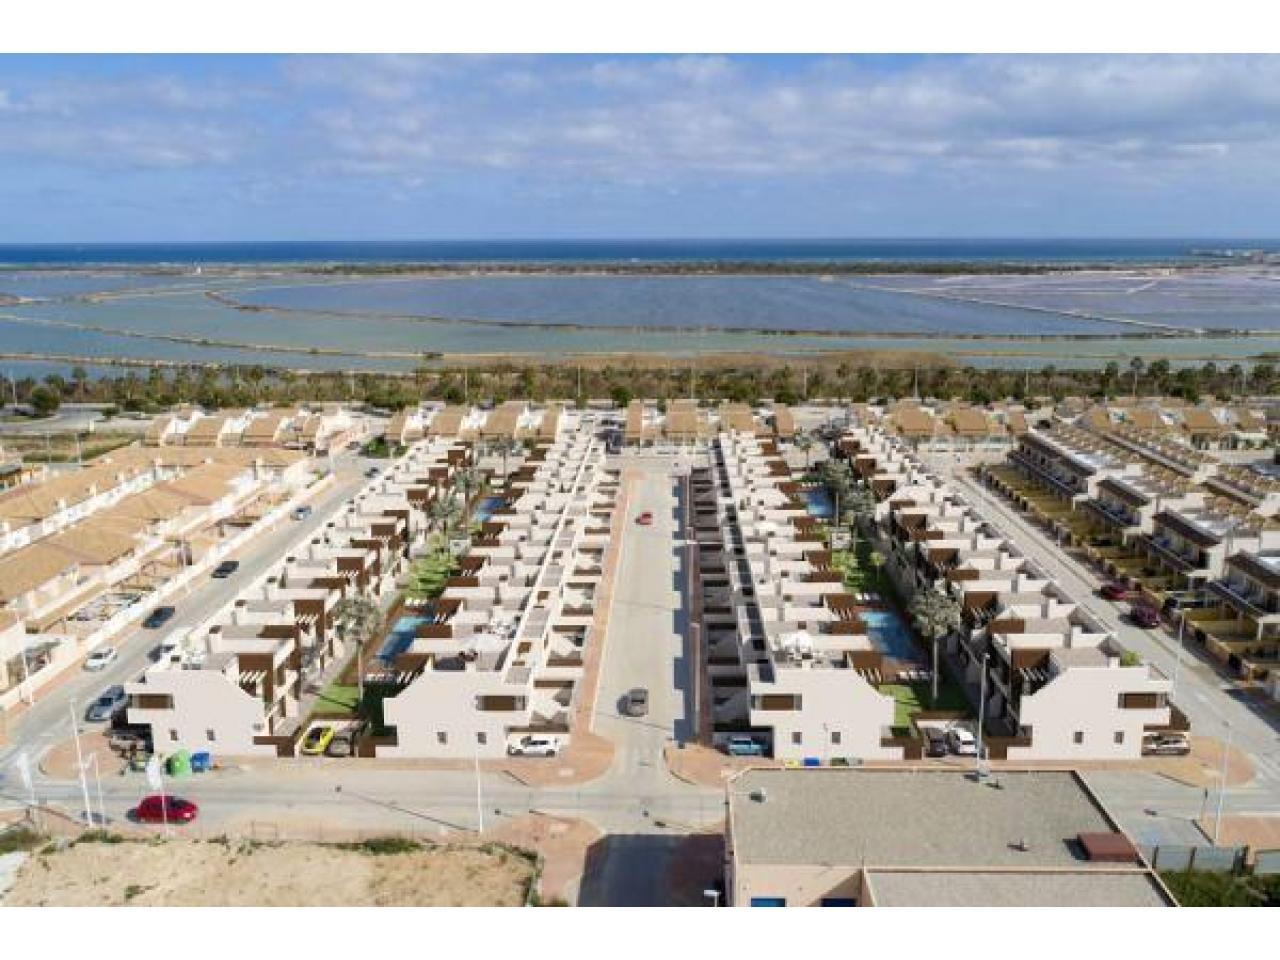 Недвижимость в Испании, Новые бунгало рядом с морем от застройщика в Сан-Педро-дель-Пинатар - 3